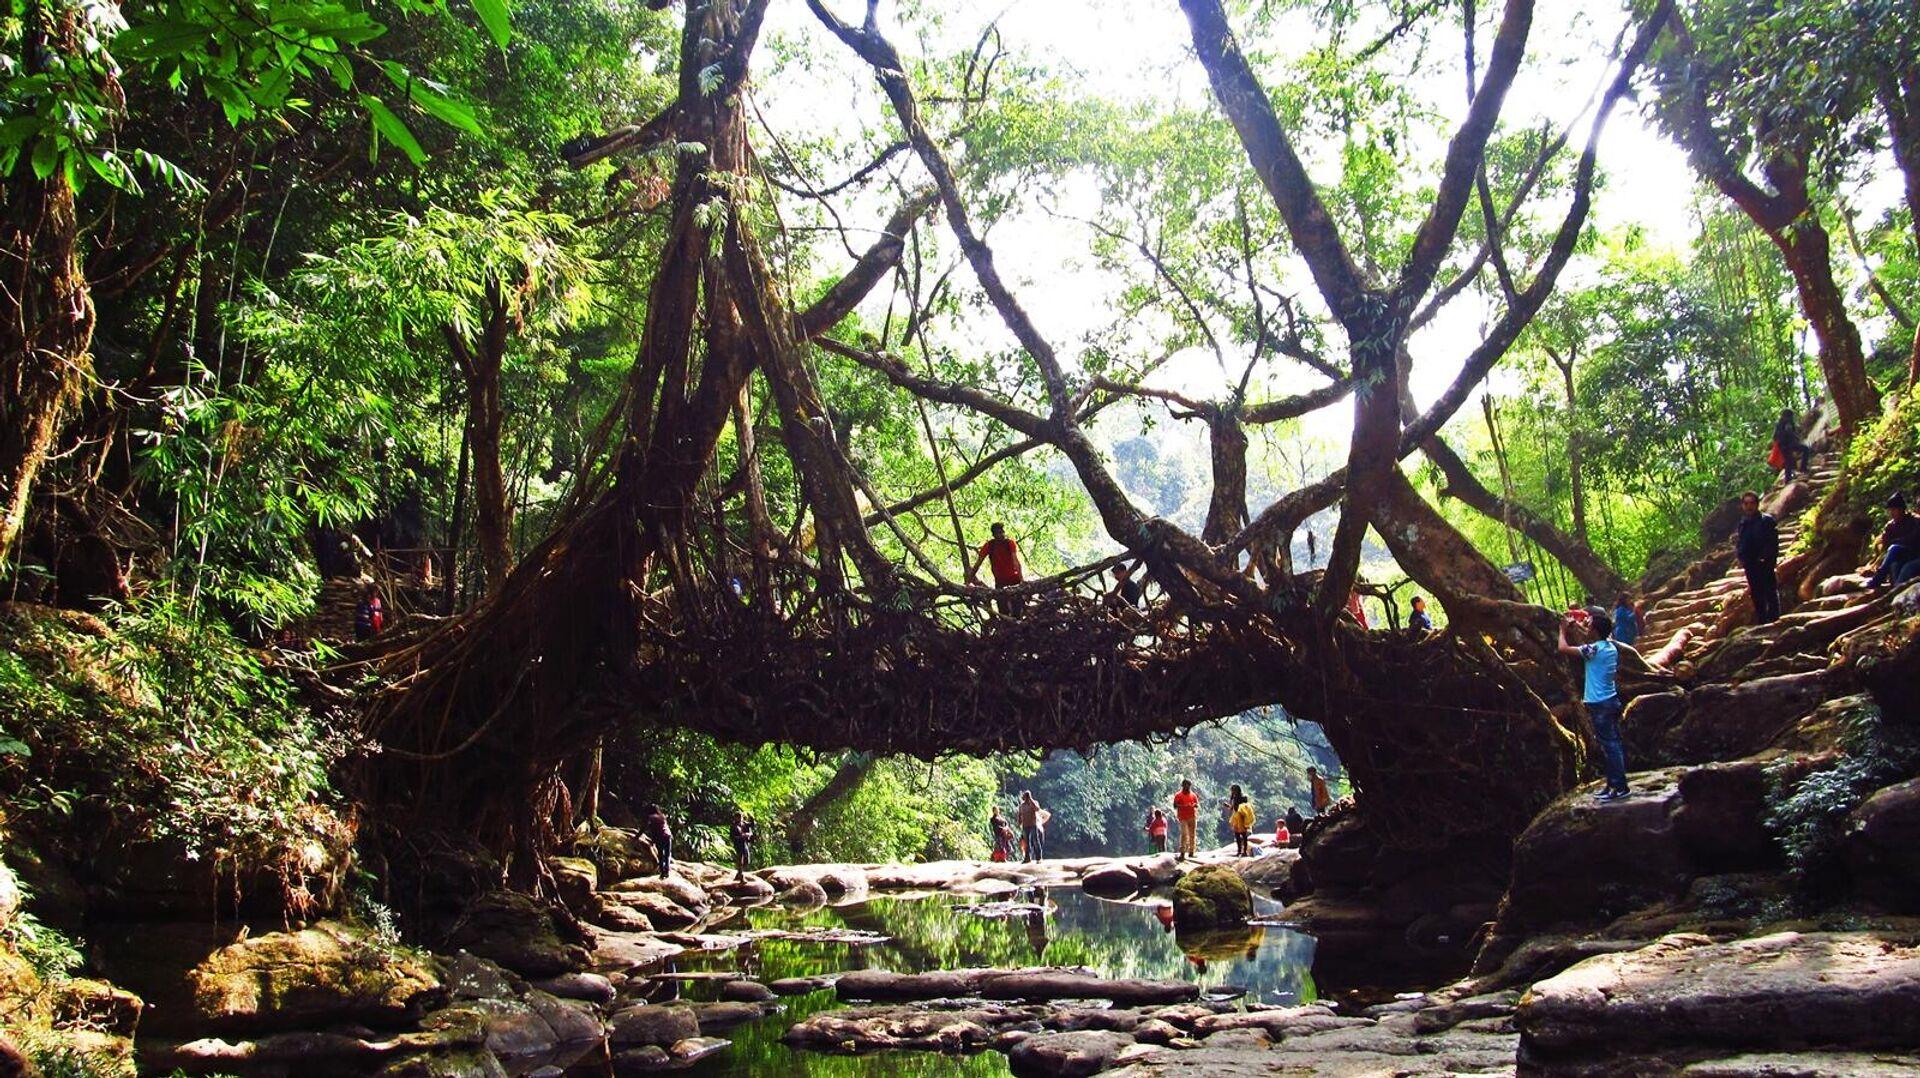 Lebende Brücke in der Umgebung von Meghalaya, Indien - SNA, 1920, 27.09.2021